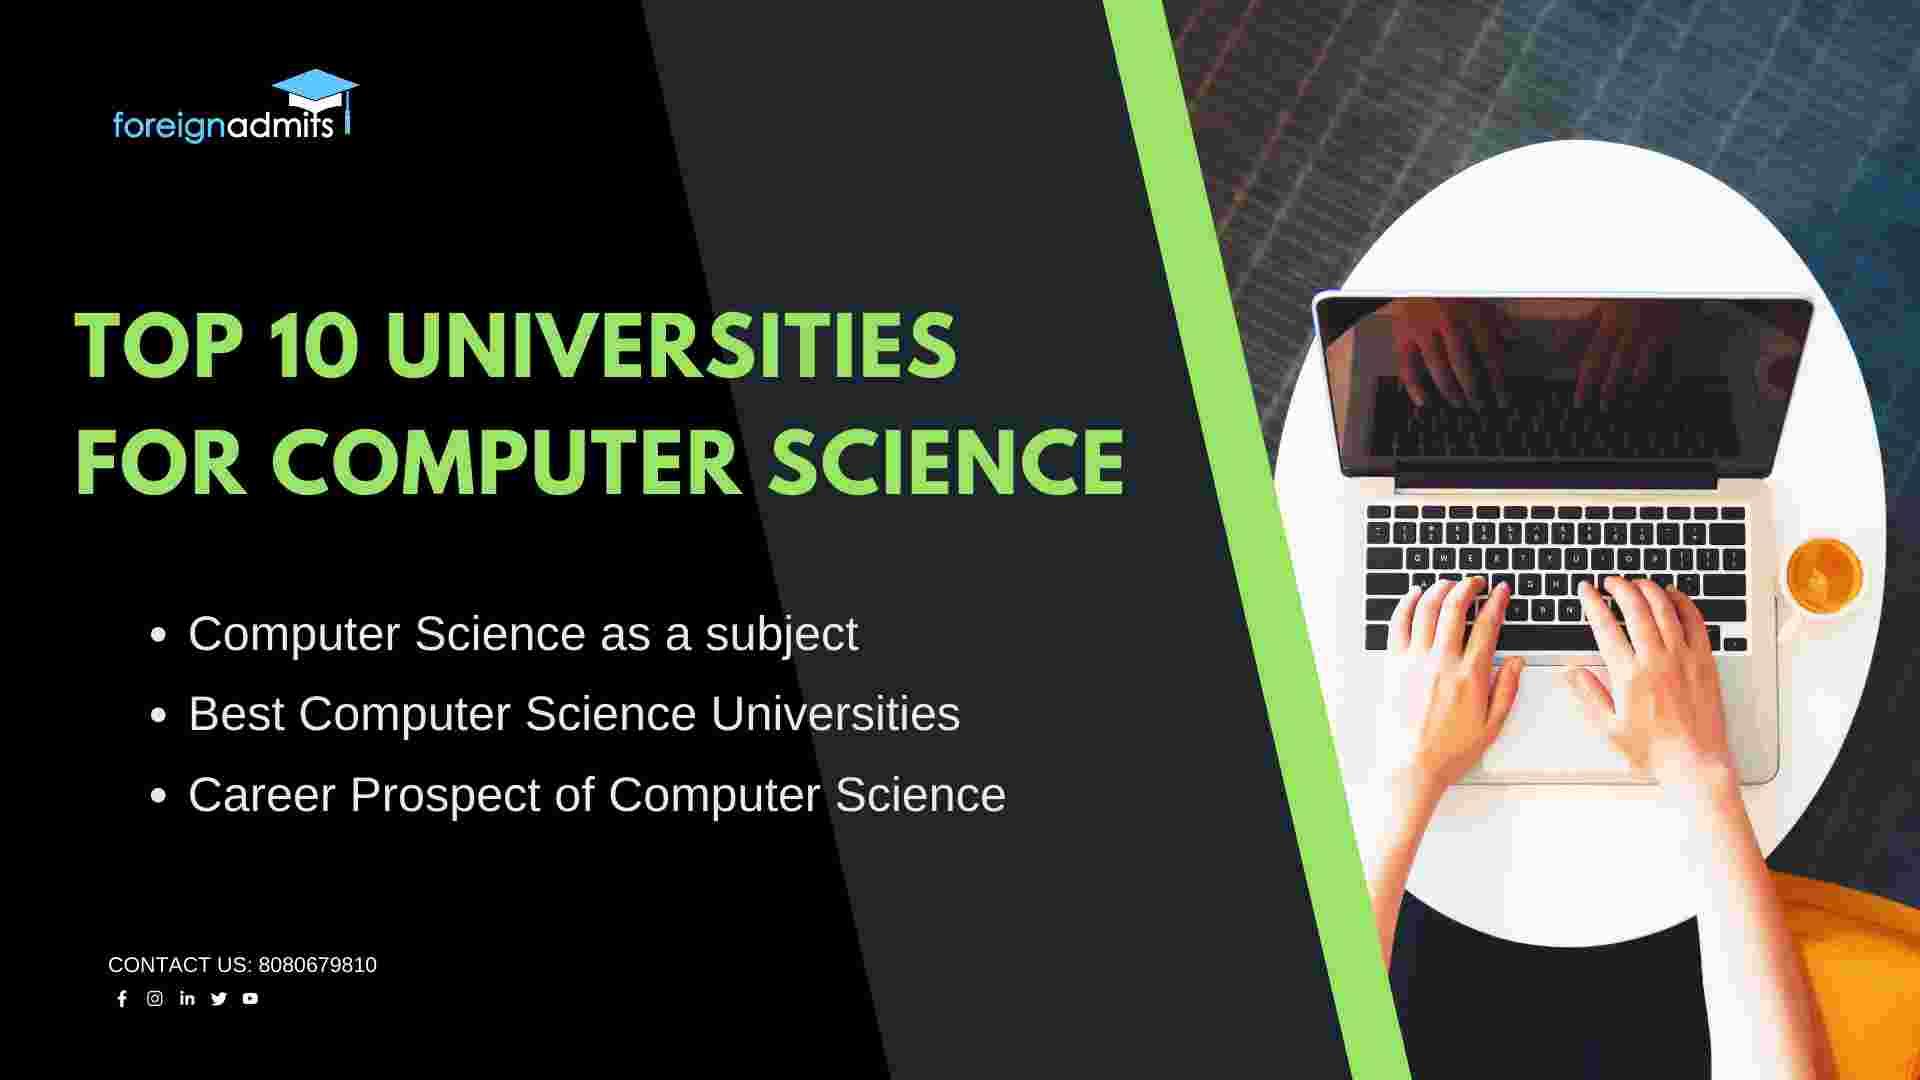 Top 10 universities for computer science